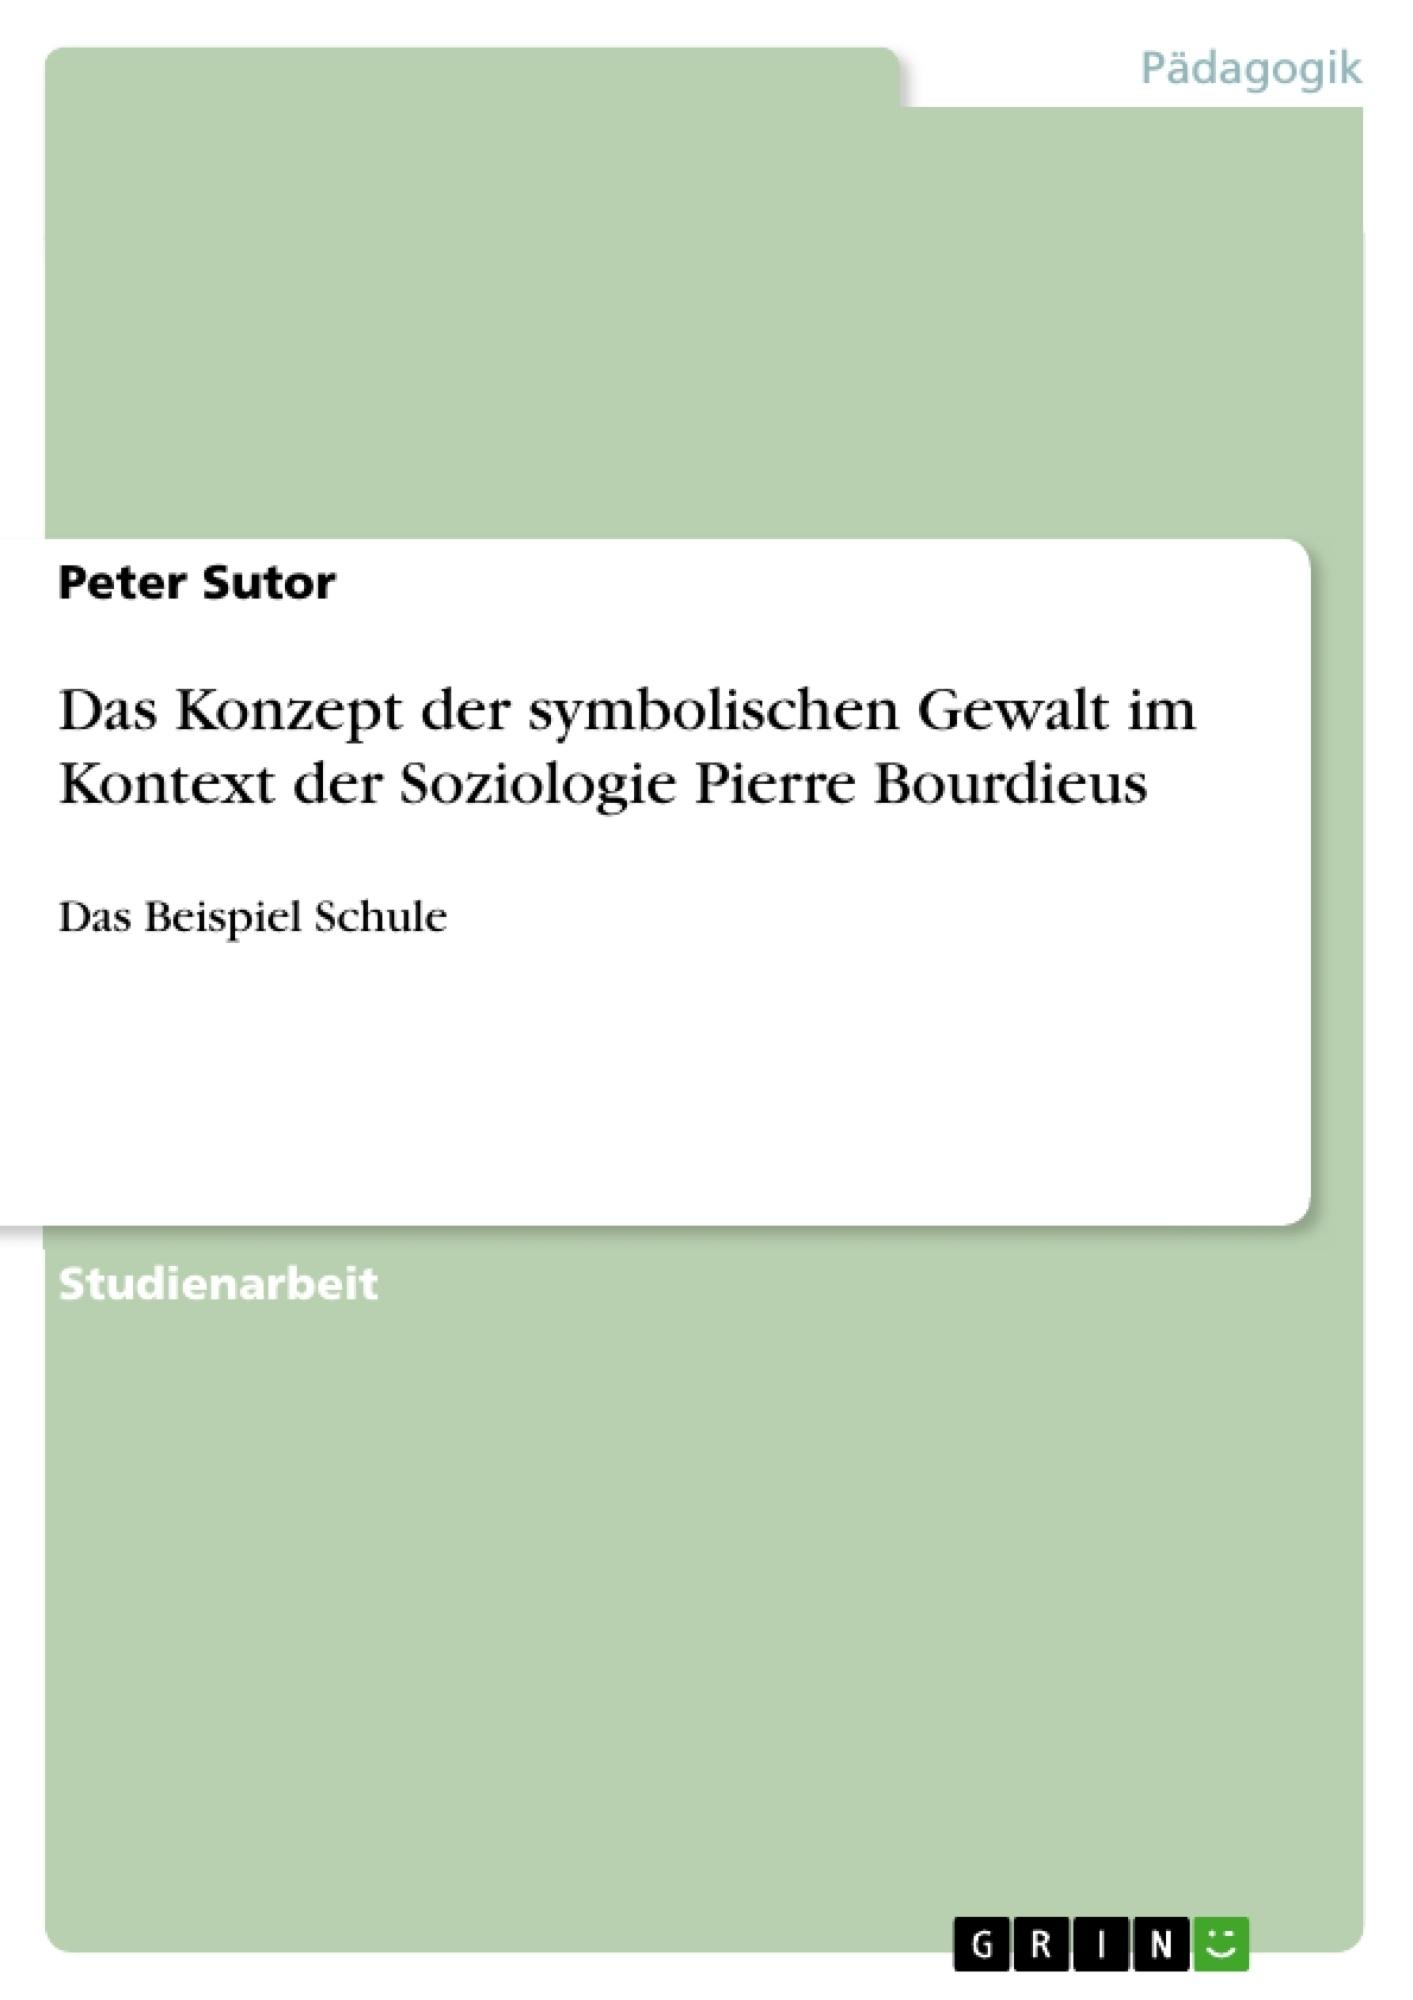 Titel: Das Konzept der symbolischen Gewalt im Kontext der Soziologie Pierre Bourdieus